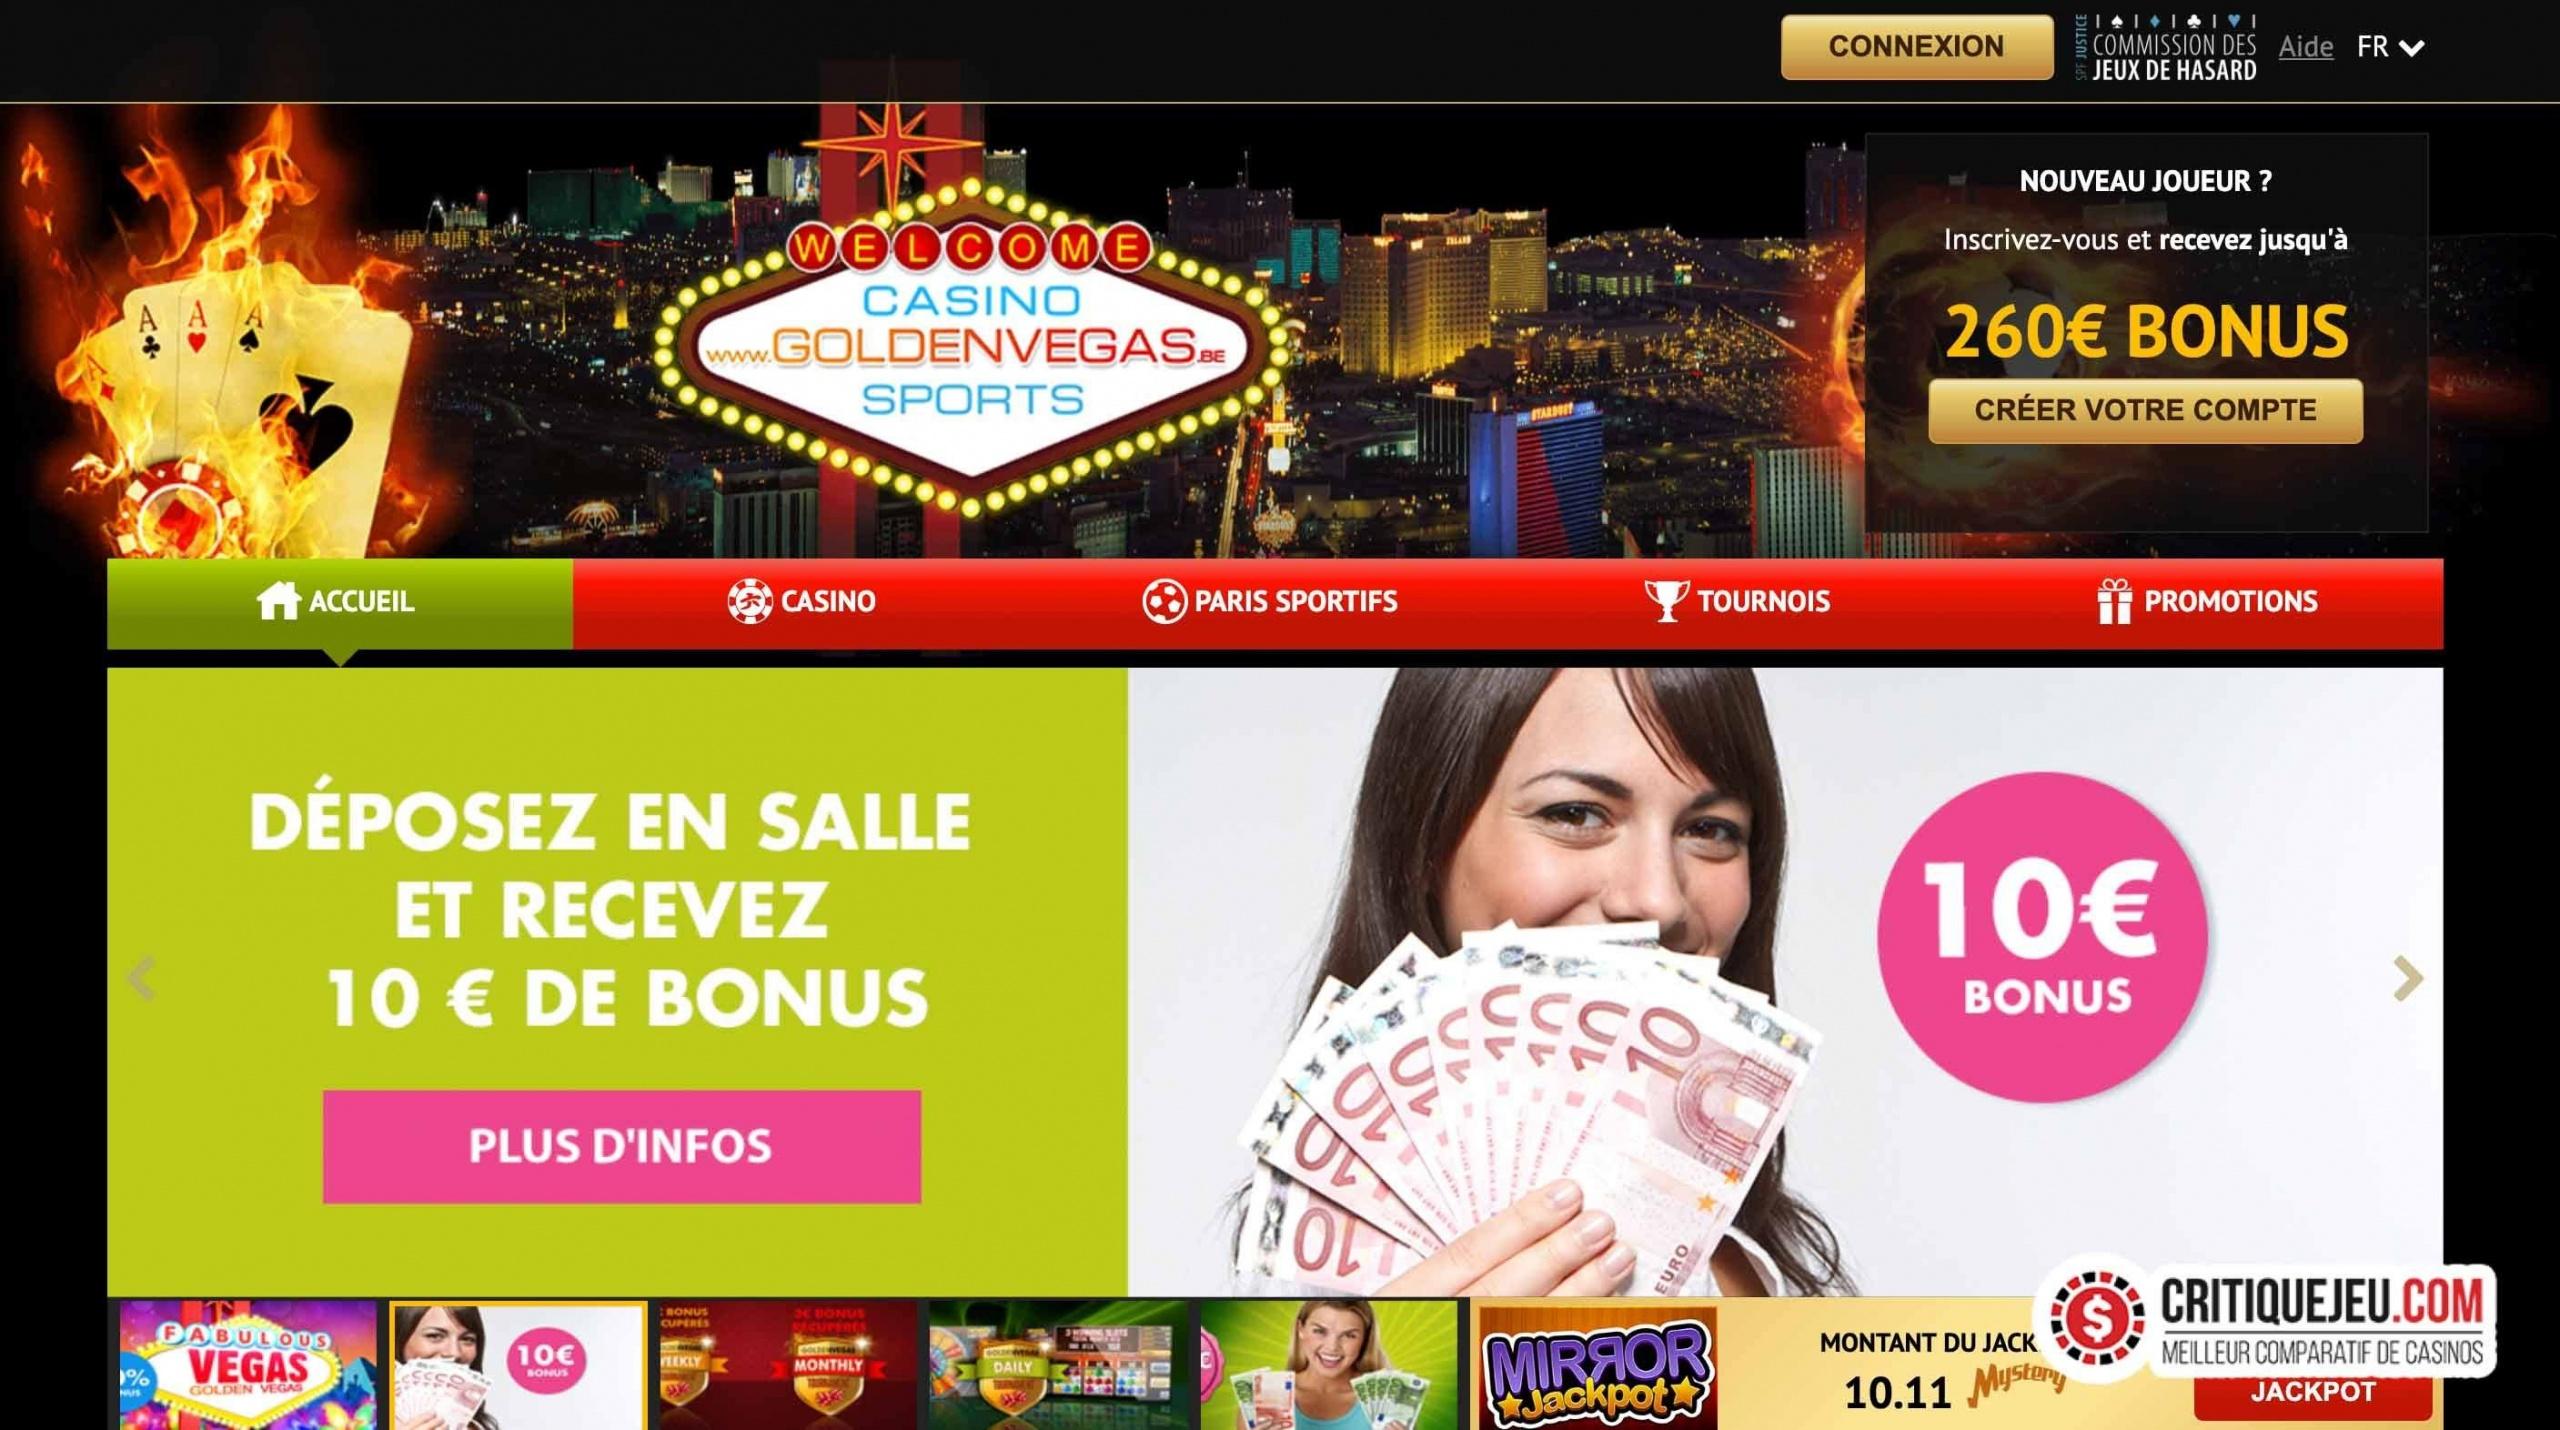 casino golden vegas avis